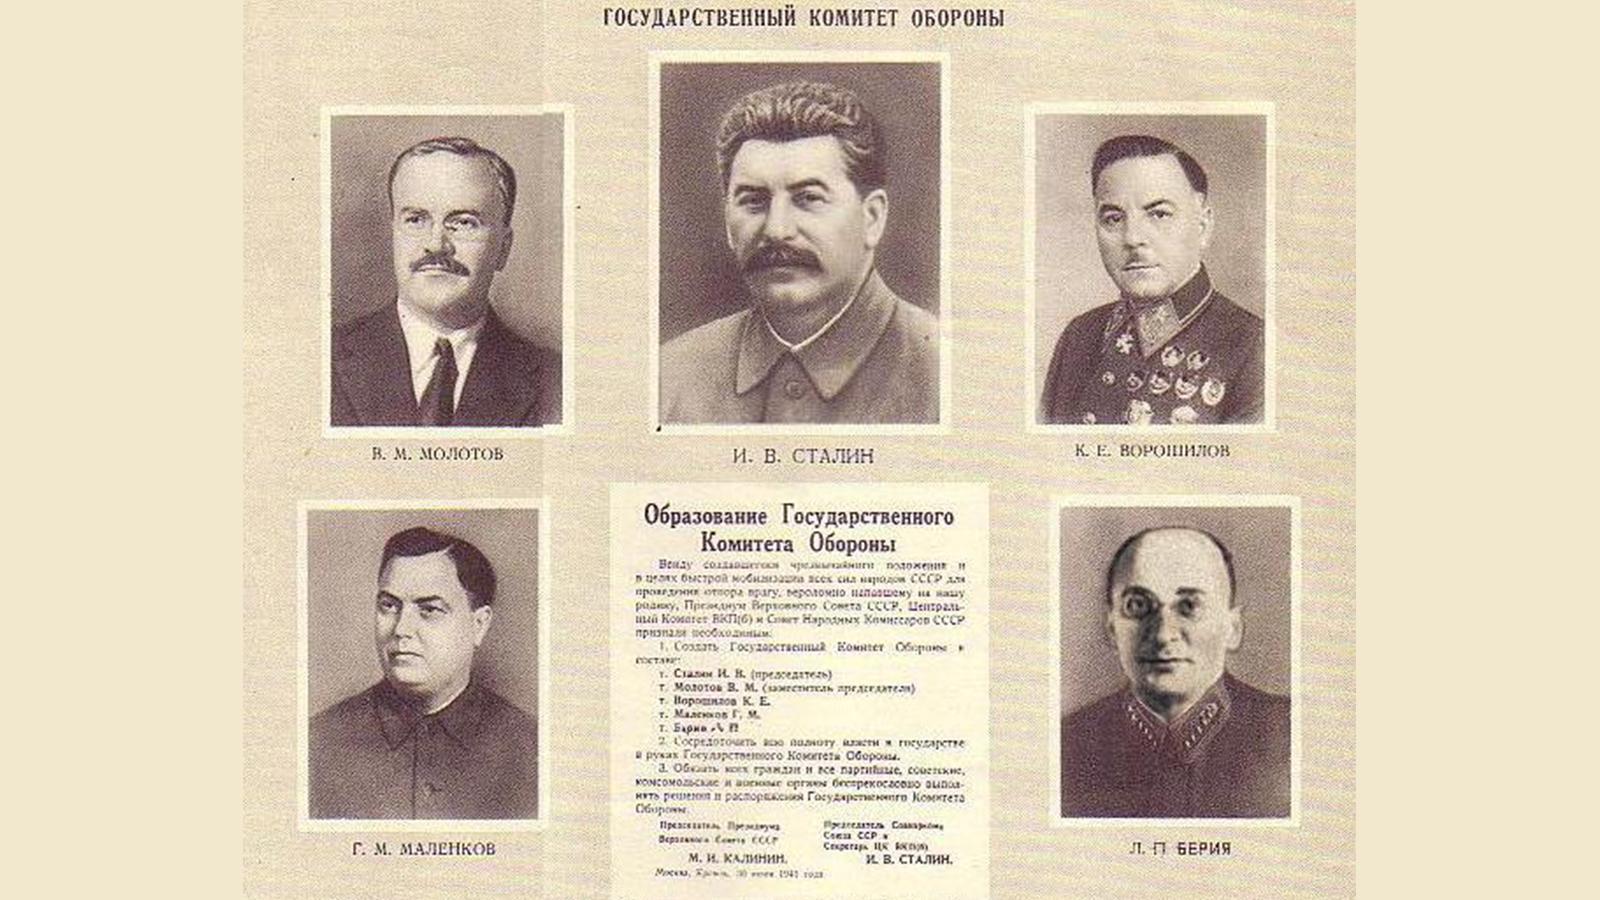 Κρατική Επιτροπή Άμυνας της ΕΣΣΔ gko